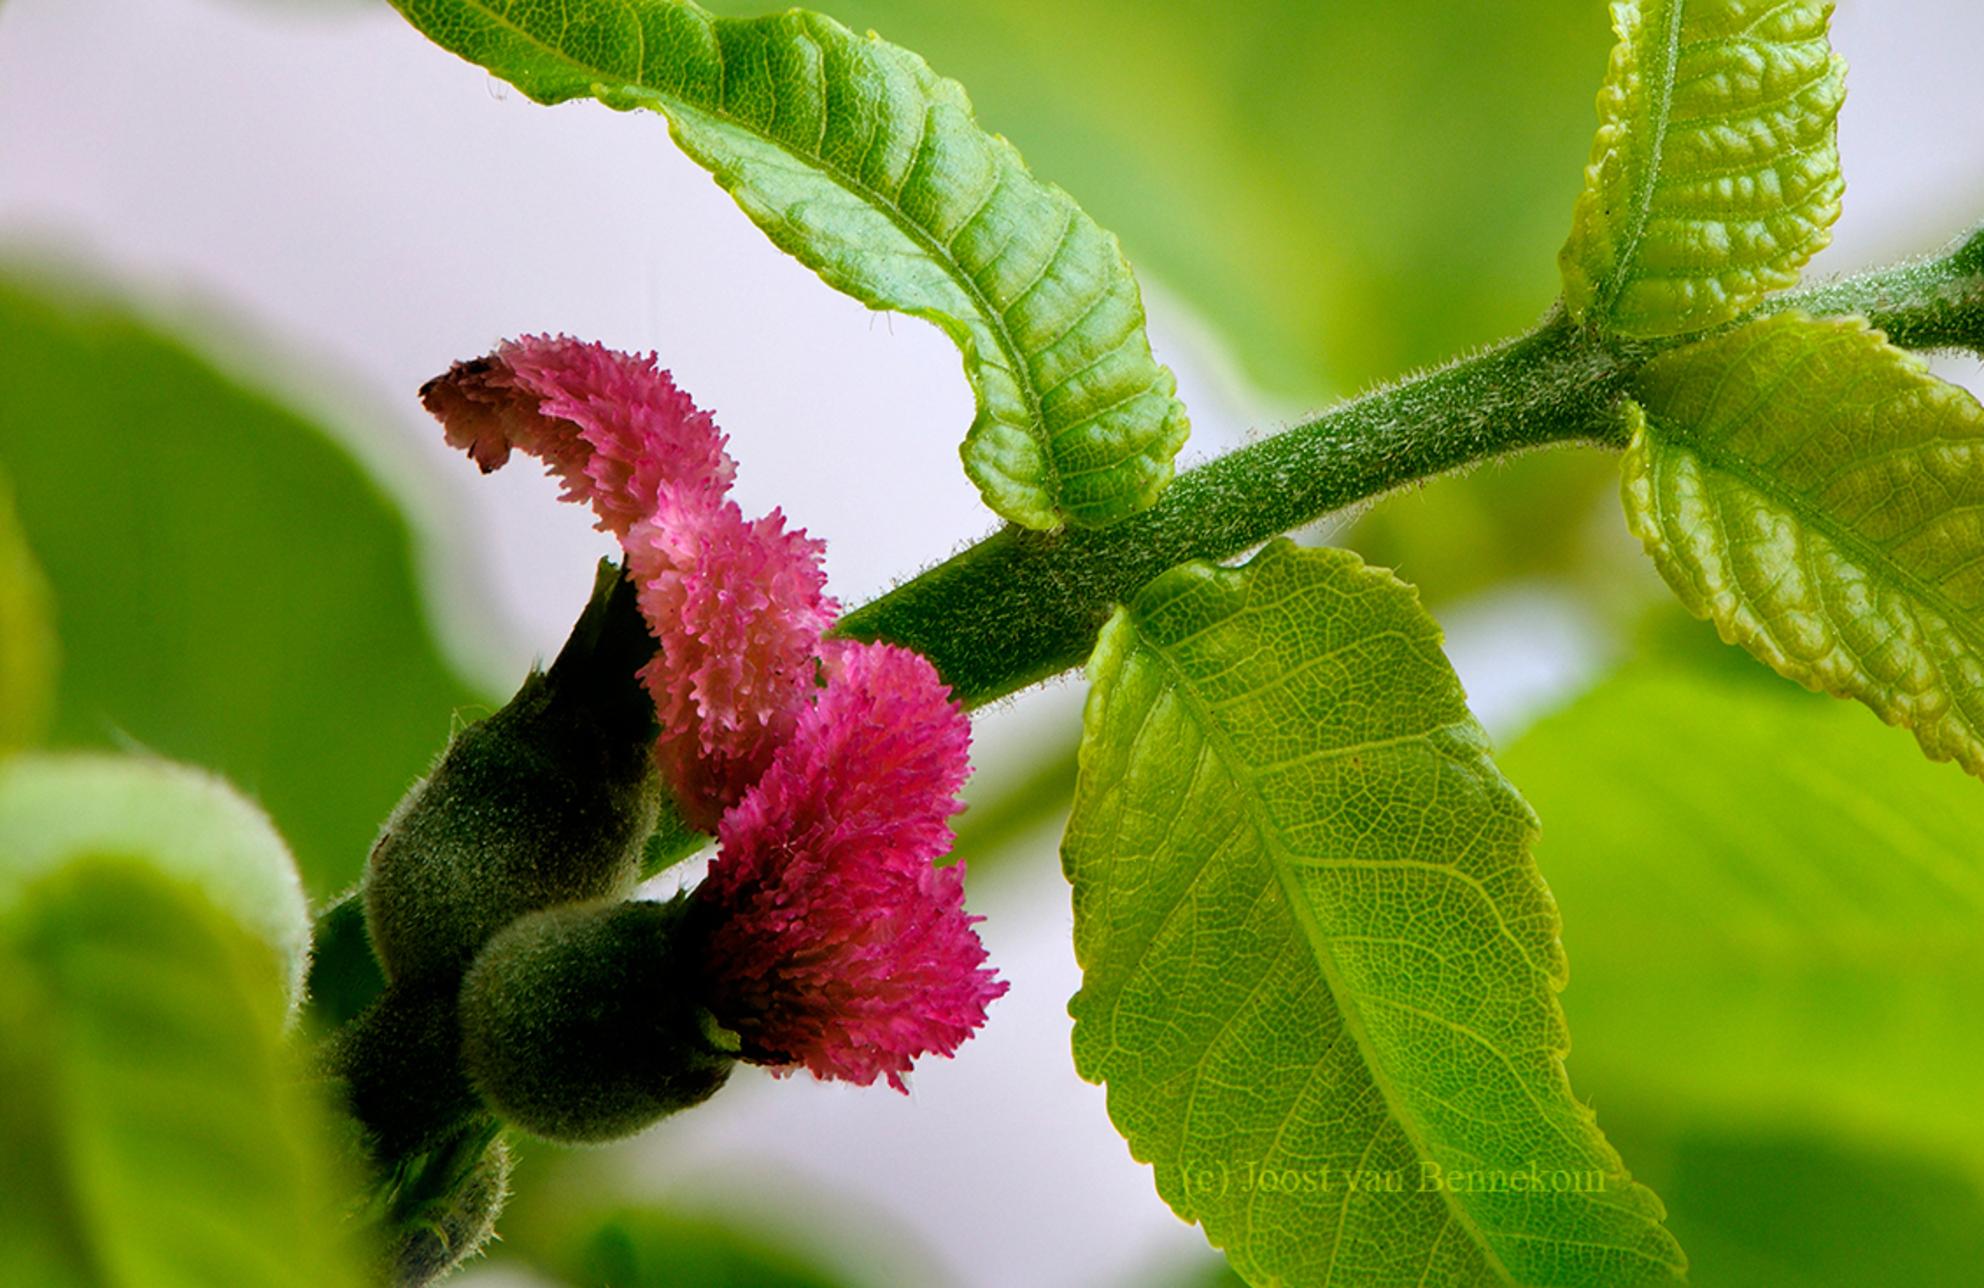 Zwarte walnoot (Juglans nigra) - Omdat dit bloemetje zo klein is had ik me er niet eerder in verdiept. De roze bloemblaadjes zijn ongeveer 5 mm lang. Het zijn de vrouwelijke bloemen - foto door joostopzoomnl op 02-06-2015 - deze foto bevat: roze, groen, macro, boom, bloem, natuur, voorjaar, nikon, bloesem, photoshop, scherptediepte, joost, stapelen, walnoot, nikkor, bokeh, vrouwelijk, stack, juglans, natuurlijk licht, juglans nigra, zwarte walnoot, walnut, black walnut, black walnut female flower